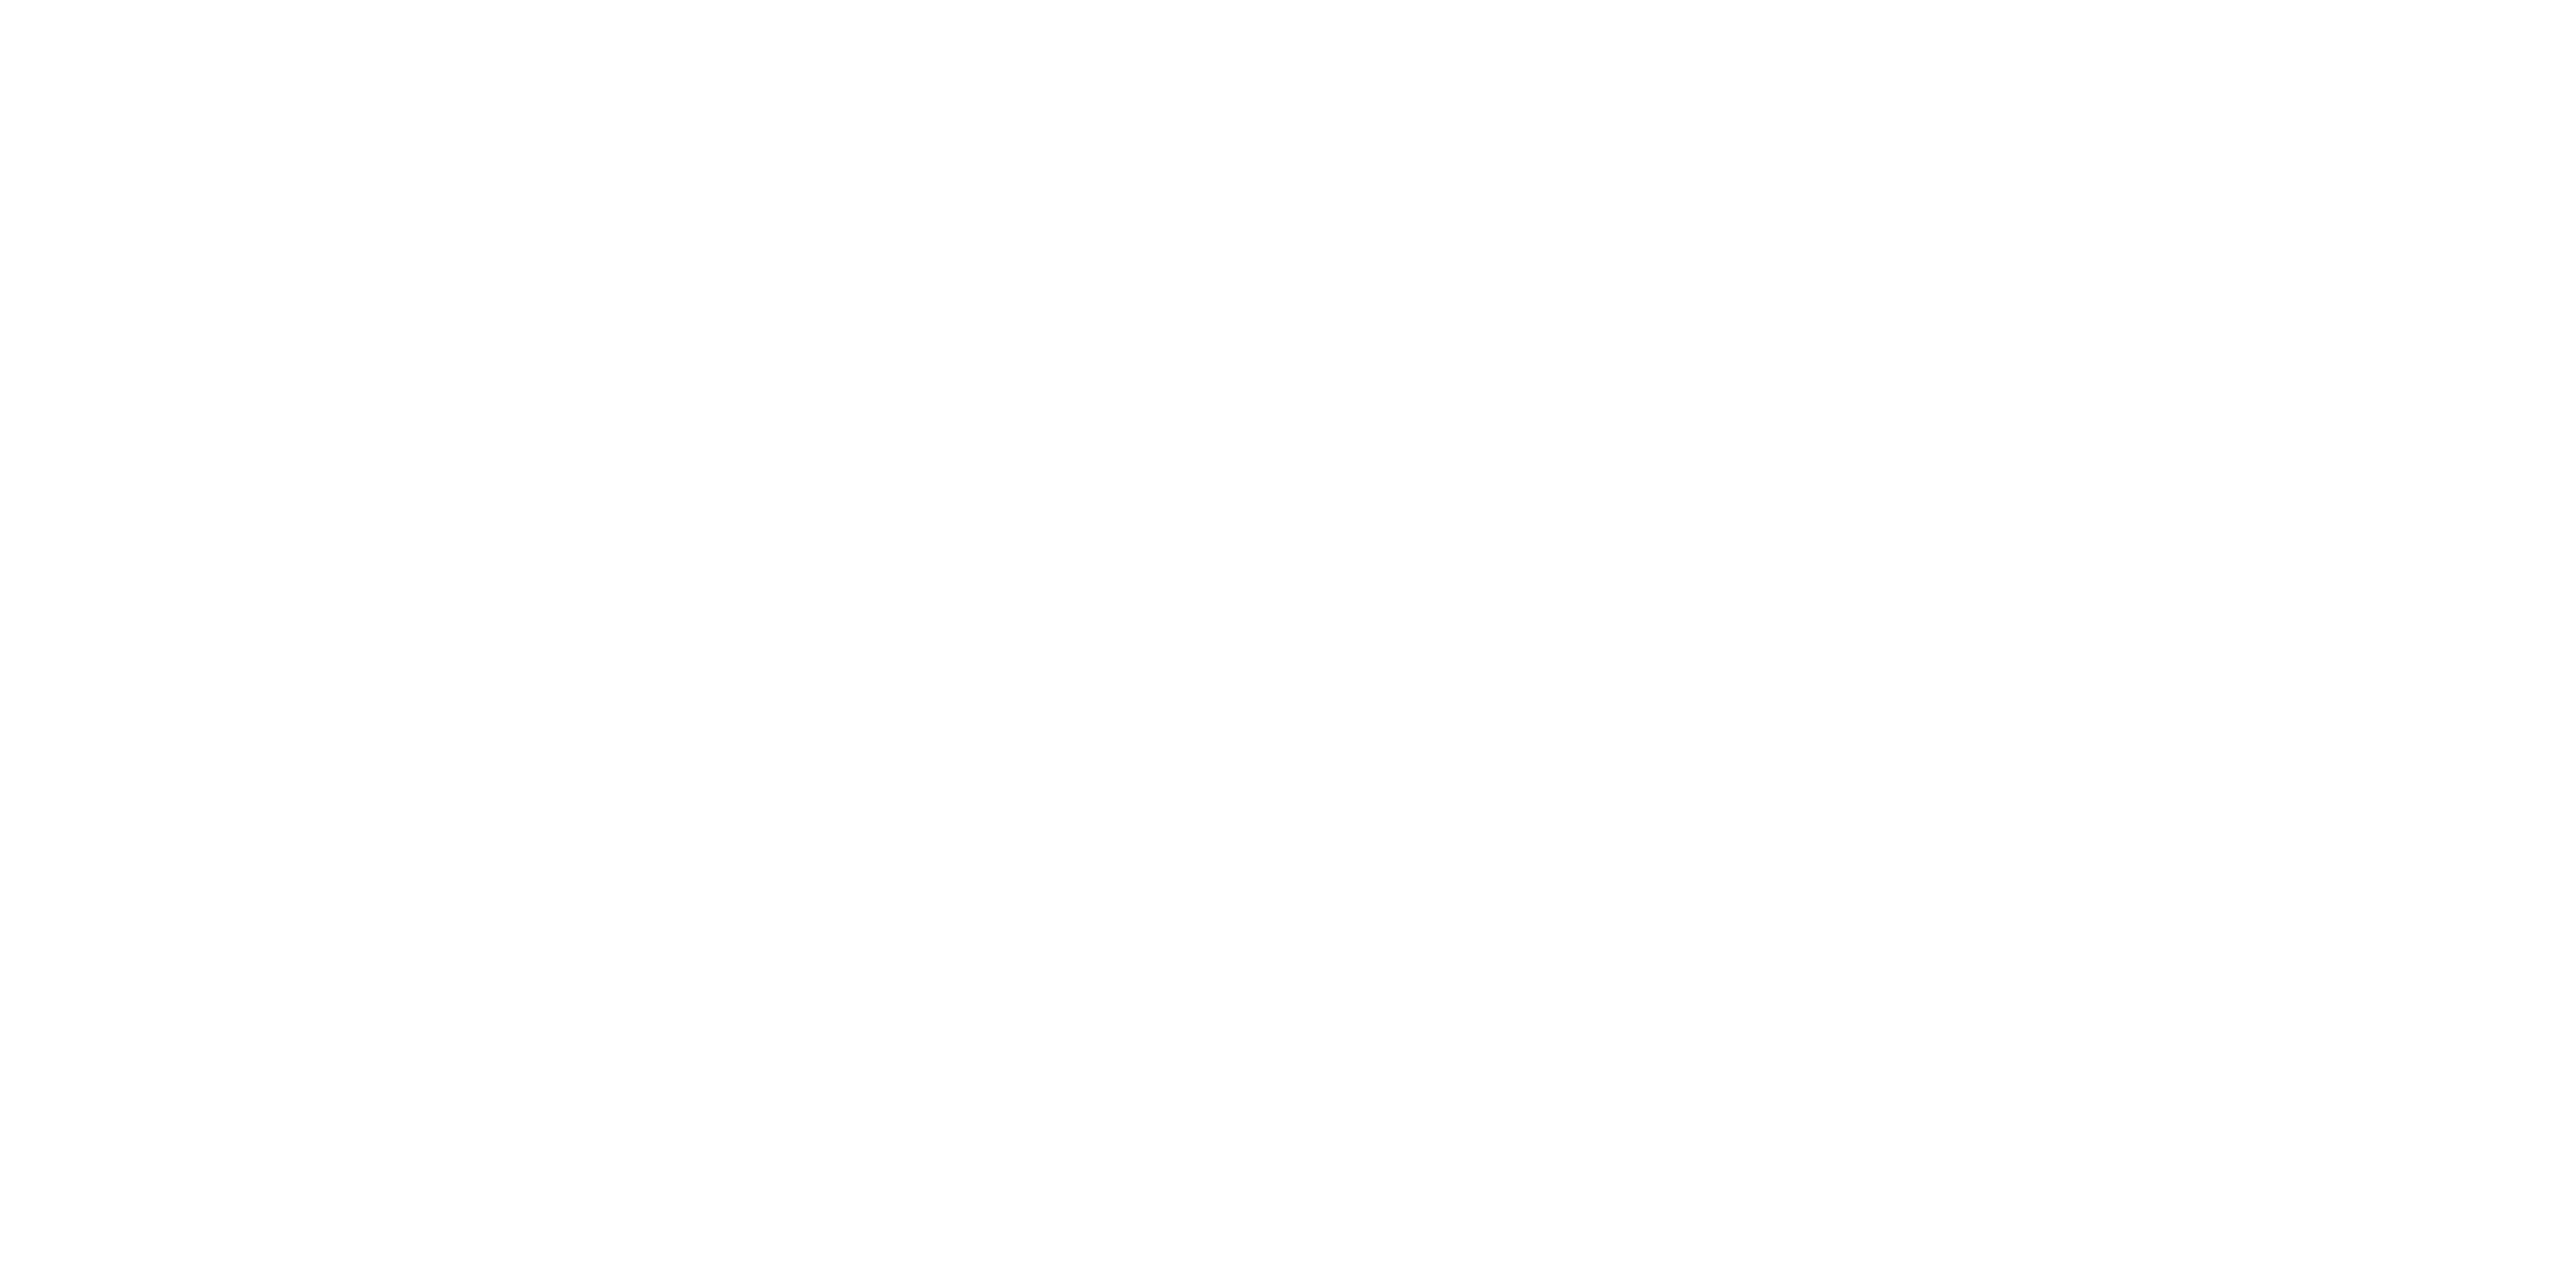 NOVACOMMERCE SA